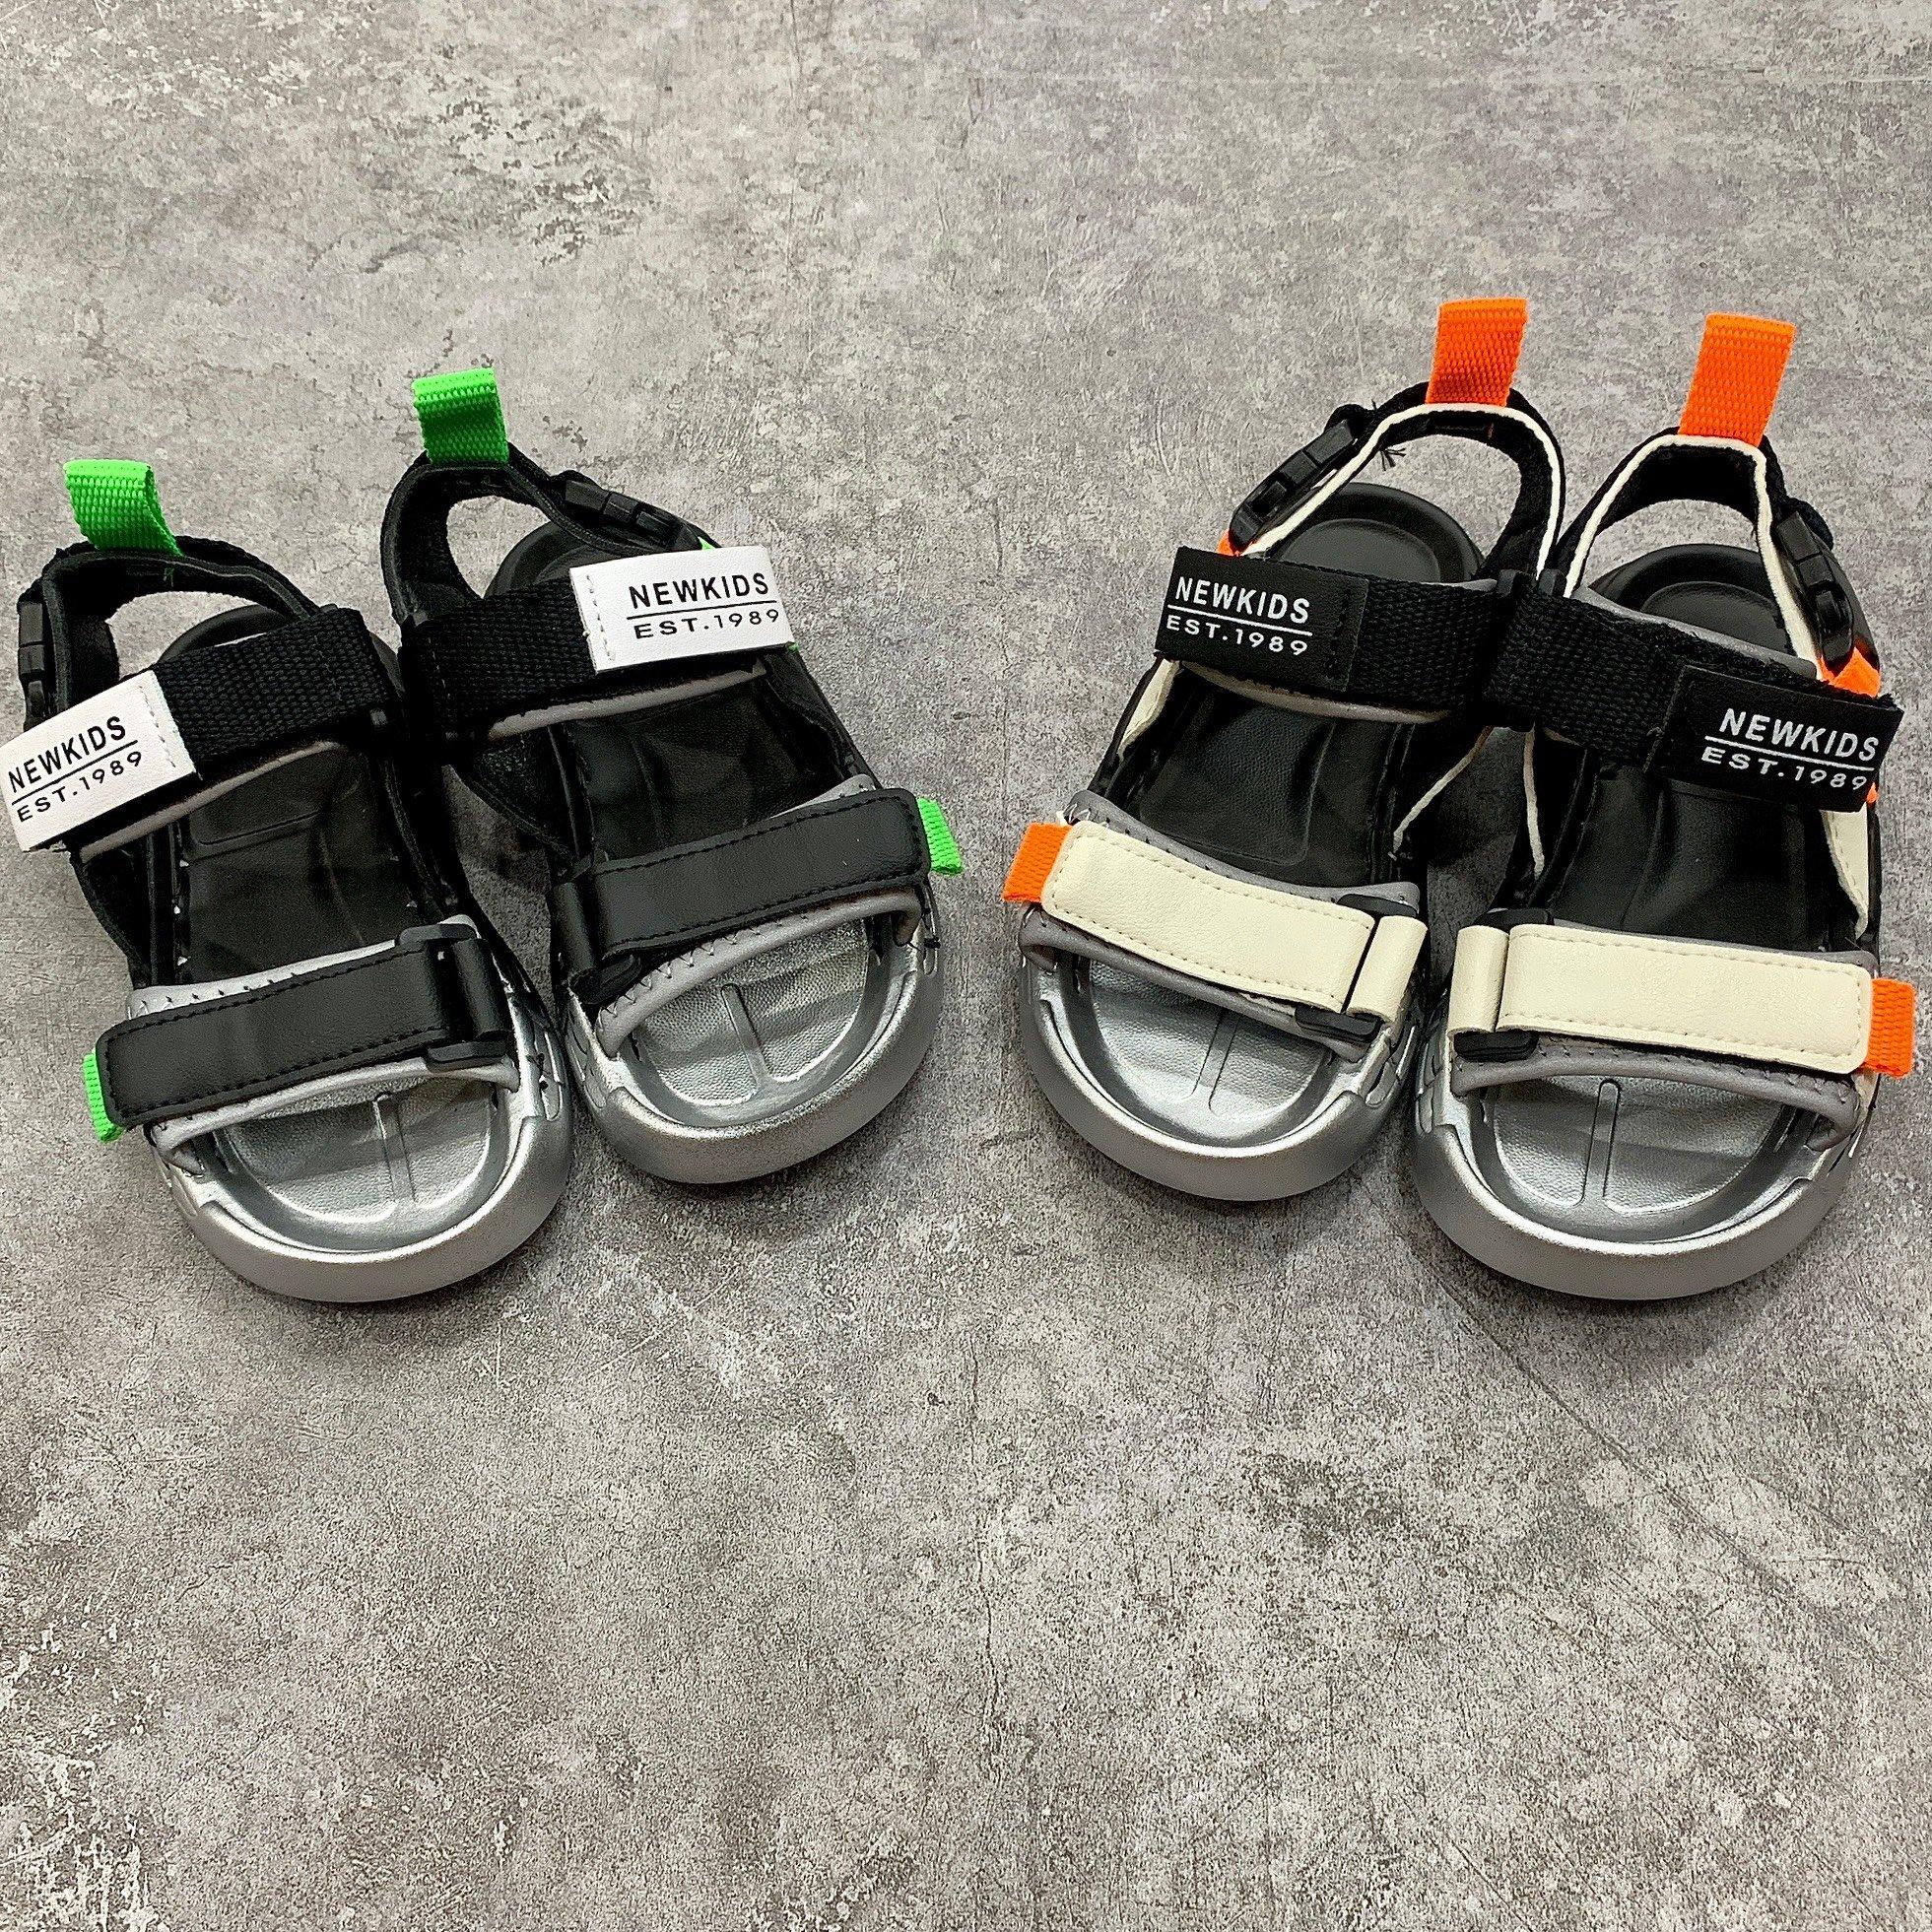 Sandal đế 2 màu quai in NEWKIDS EST1989